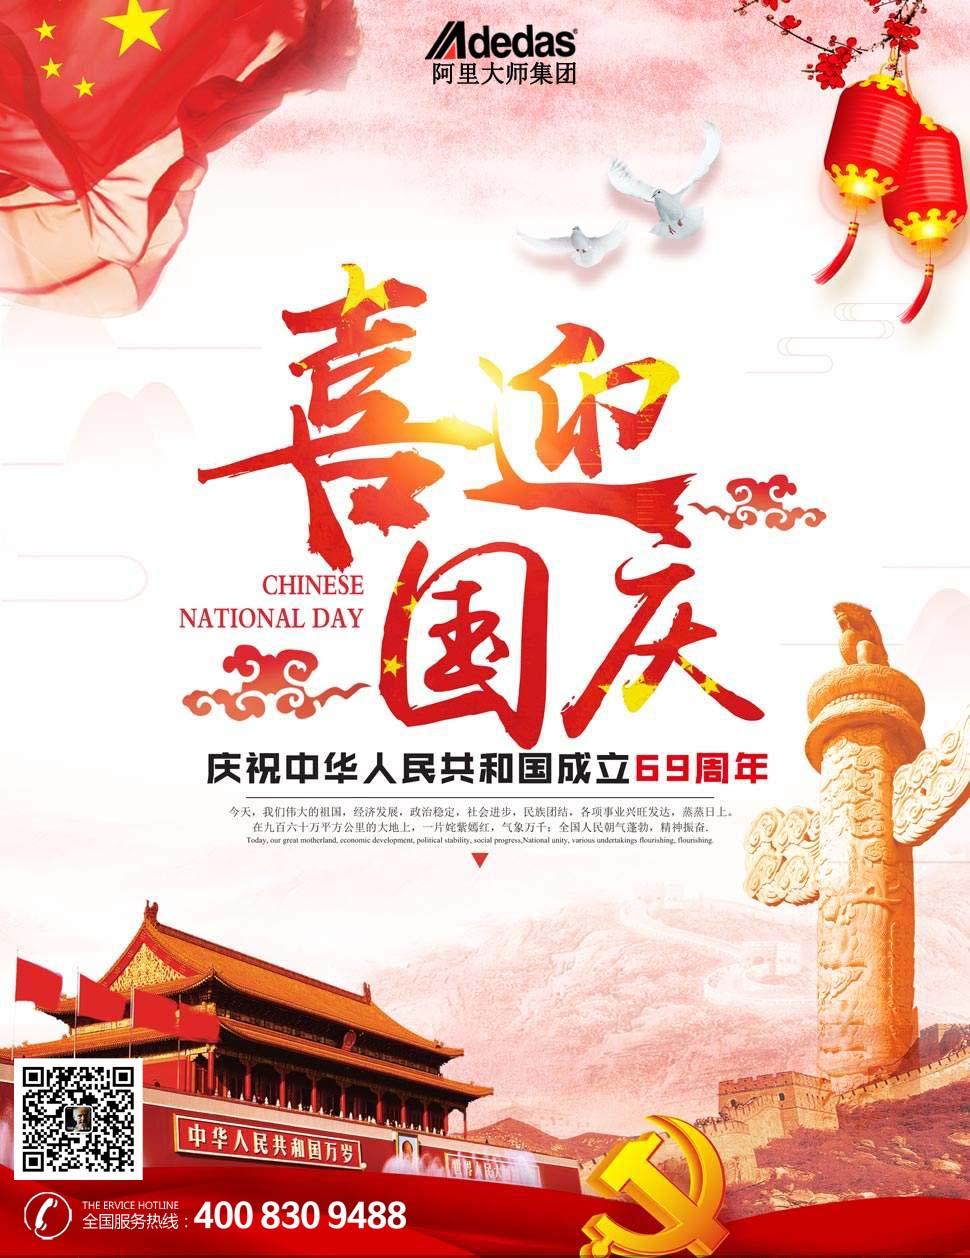 祖国69周年华诞,阿里大师祝全国人民国庆节快乐